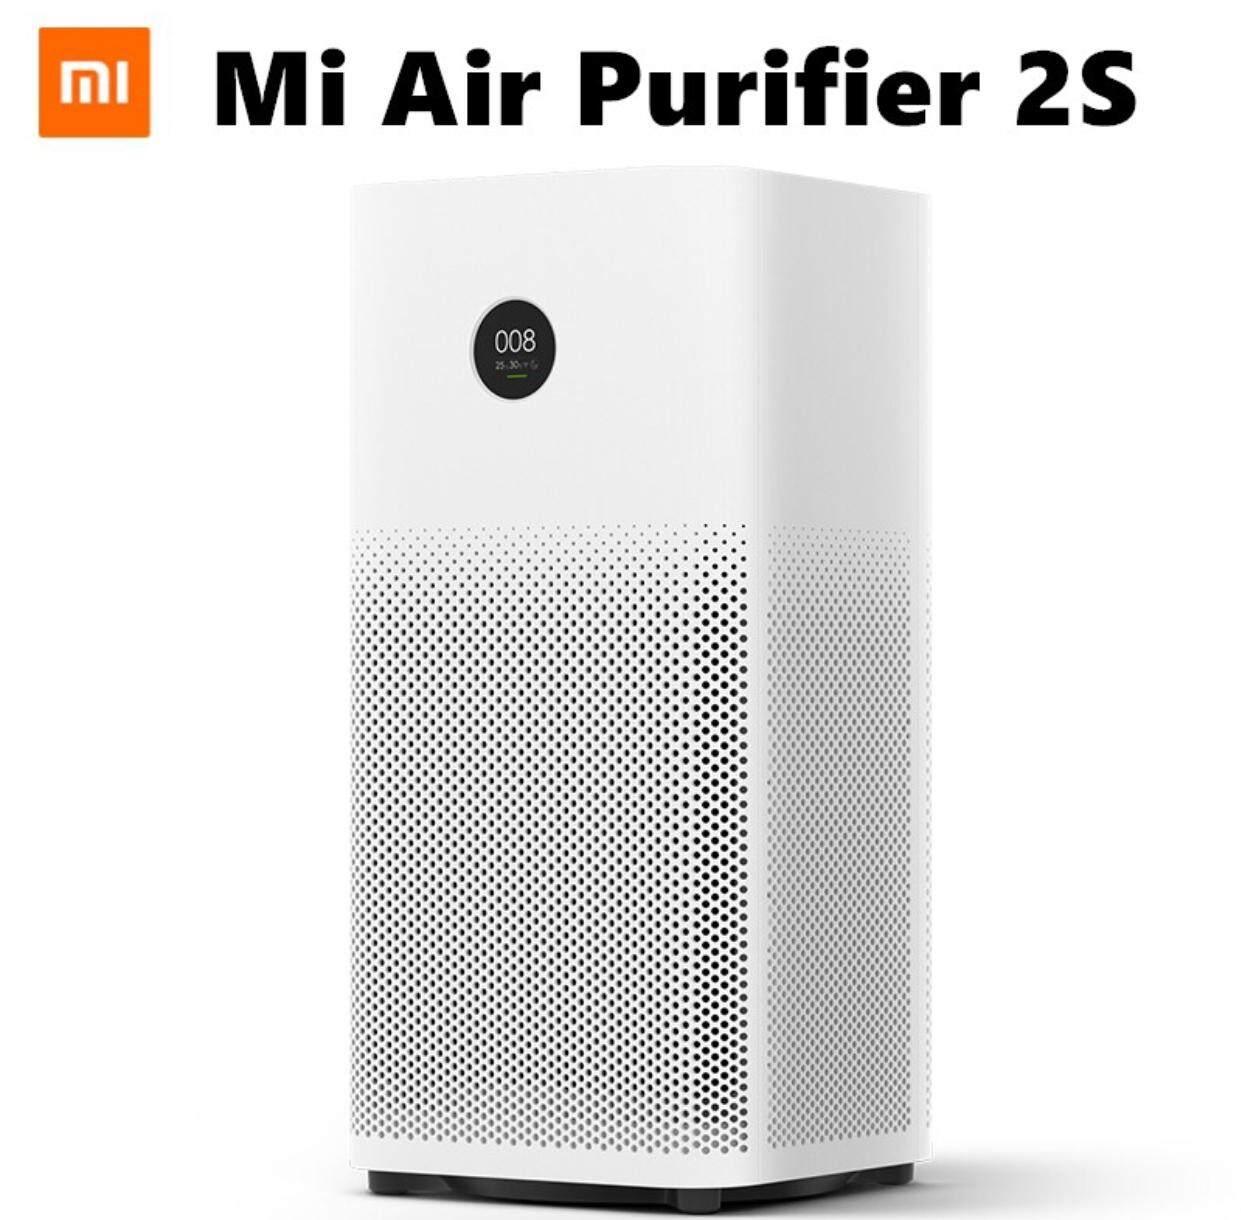 ยี่ห้อไหนดี  ขอนแก่น [ส่งของแท้จริงถึงเชียงใหม่เชียงรายวันนี้] Xiaomi Mi Air Purifier 2S - สติ๊กเกอร์สีทอง เครื่องฟอกอากาศ PM2.5 เครื่องกรองอากาศ ทำความสะอาดอากาศ ฟอกหมอกควัน Air Purifier 2s ส่งวันนี้ถึงพรุ่งนี้ รับประกัน 1 ปี